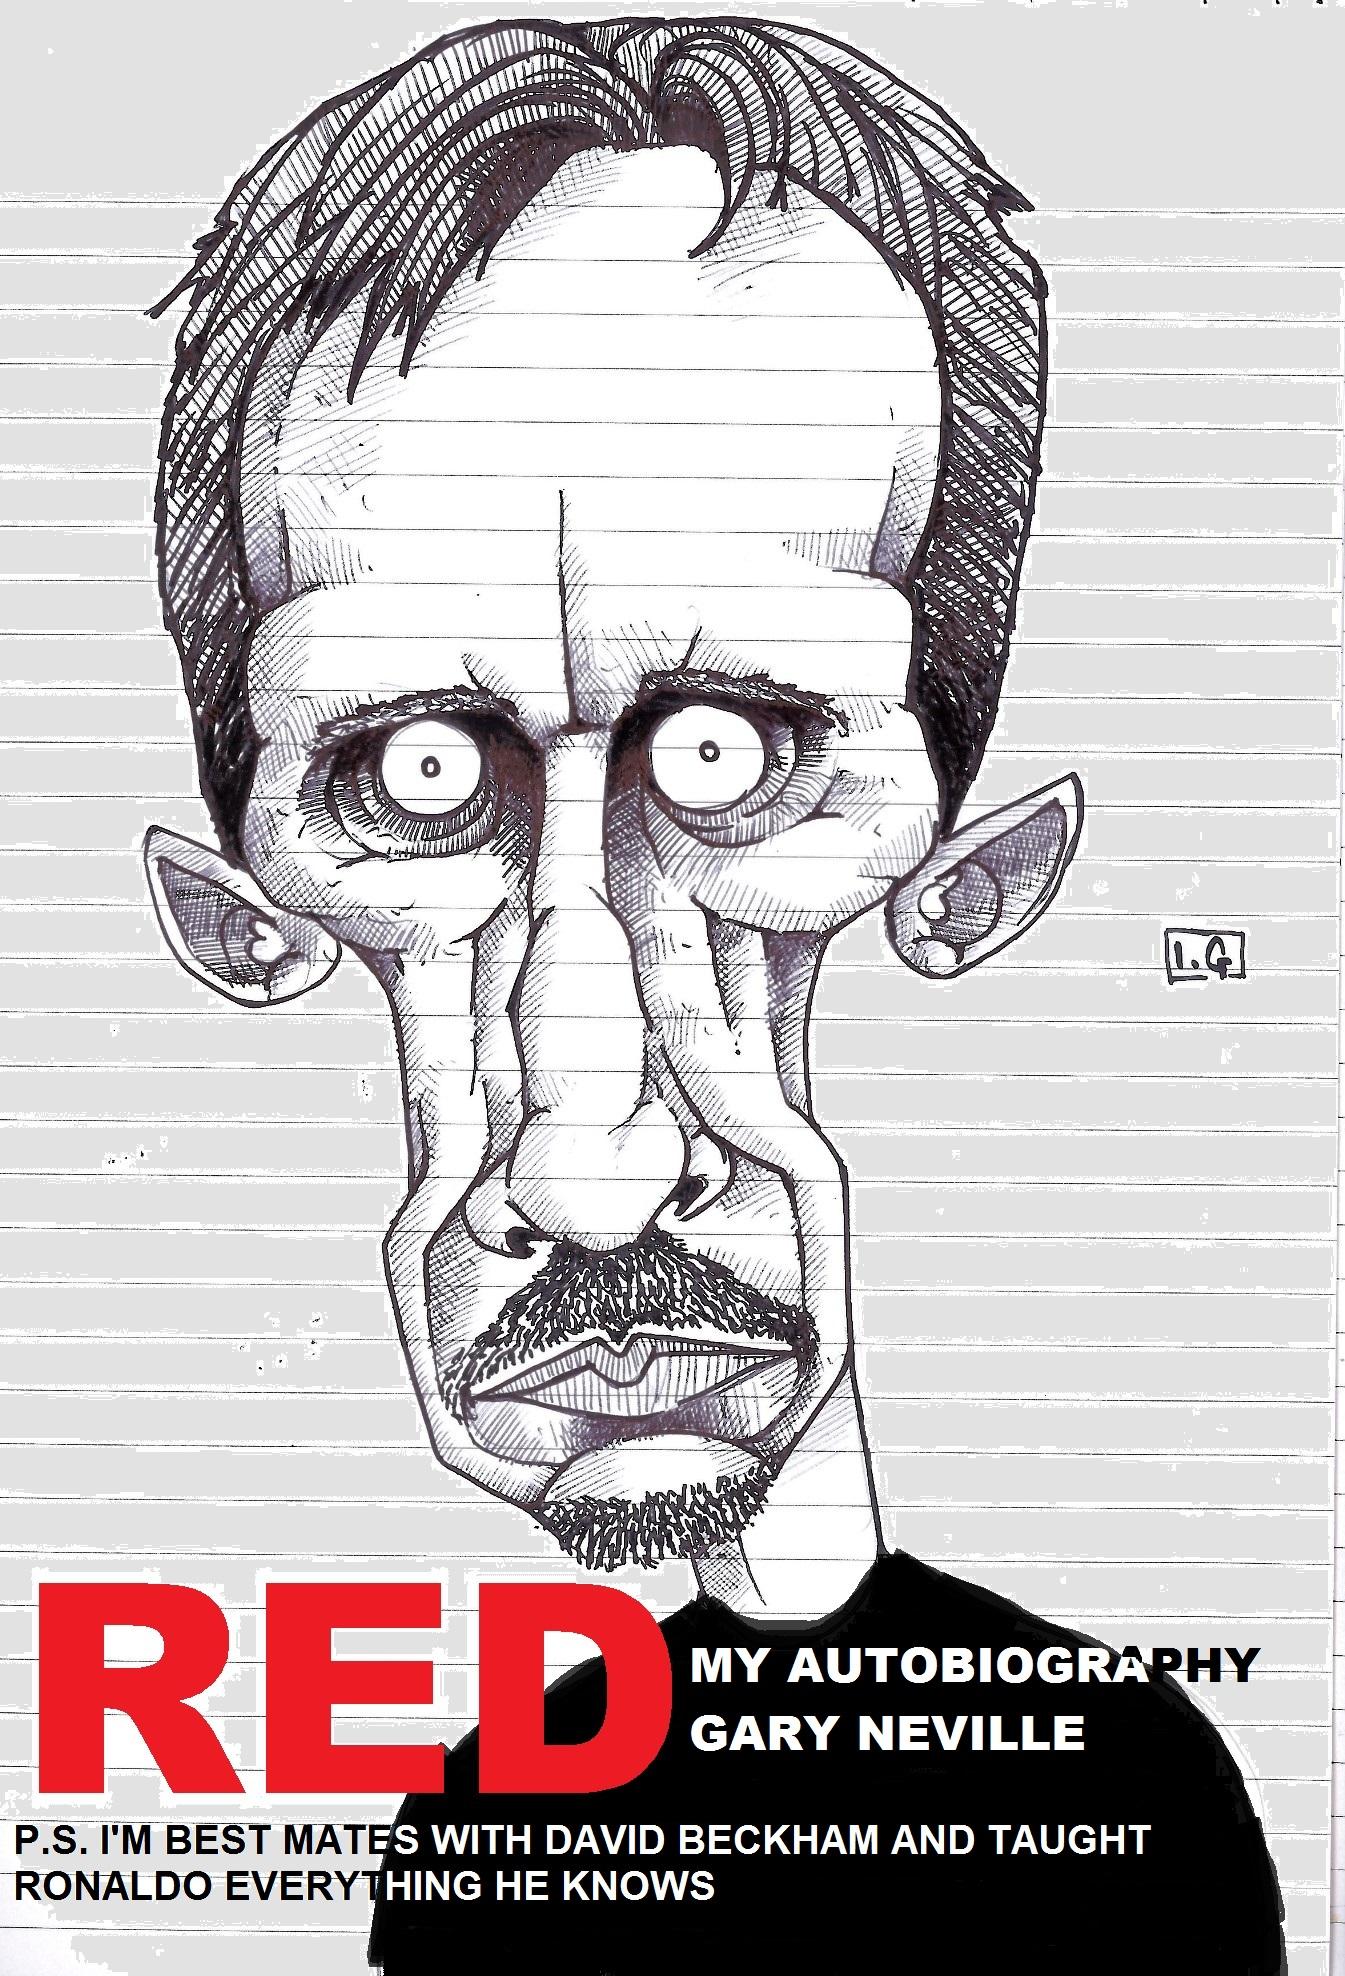 2013-01-28-C:\Users\Iddo\Pictures\Drawings\Gary Neville fin.jpg-GaryNevillefin.jpg